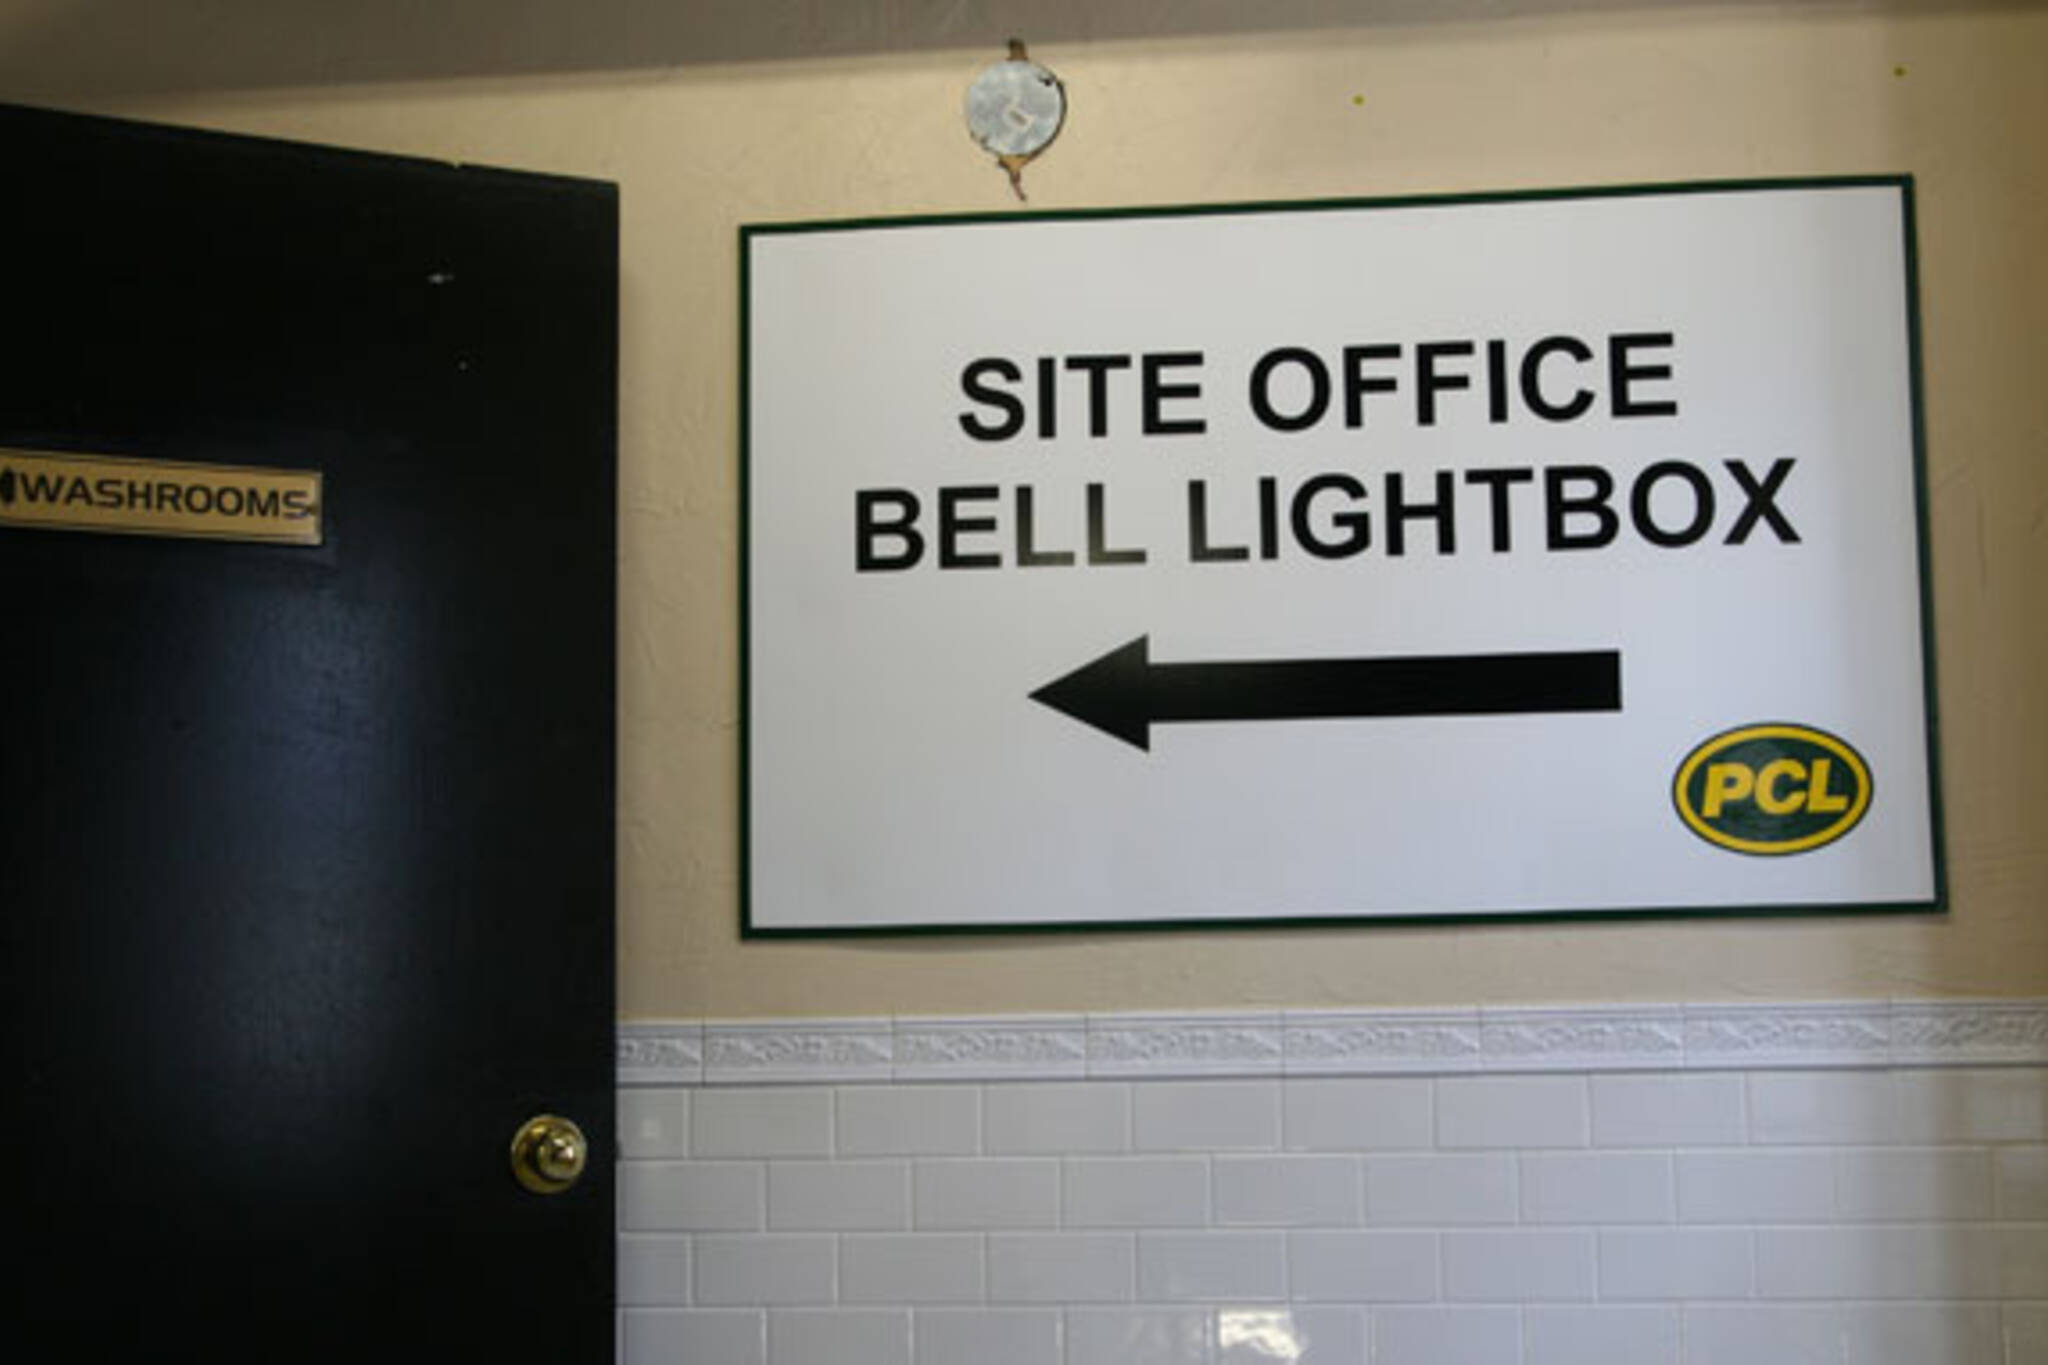 Bell Lightbox